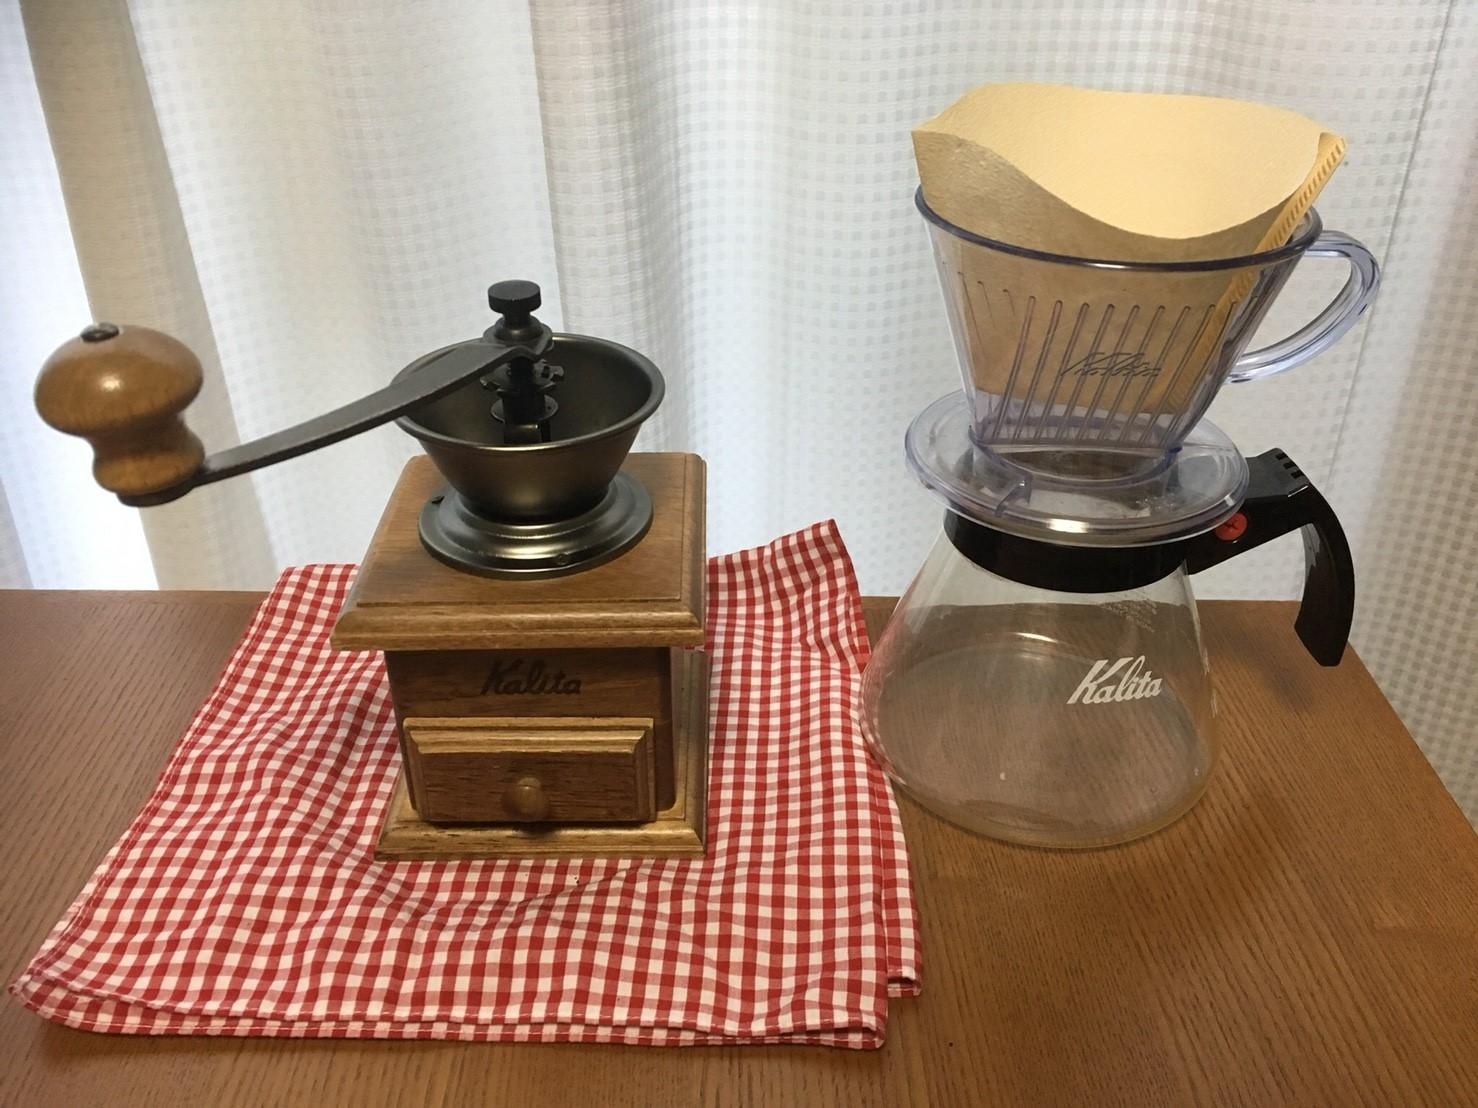 「コーヒーミル」と「魔法瓶」でコーヒーを持参する